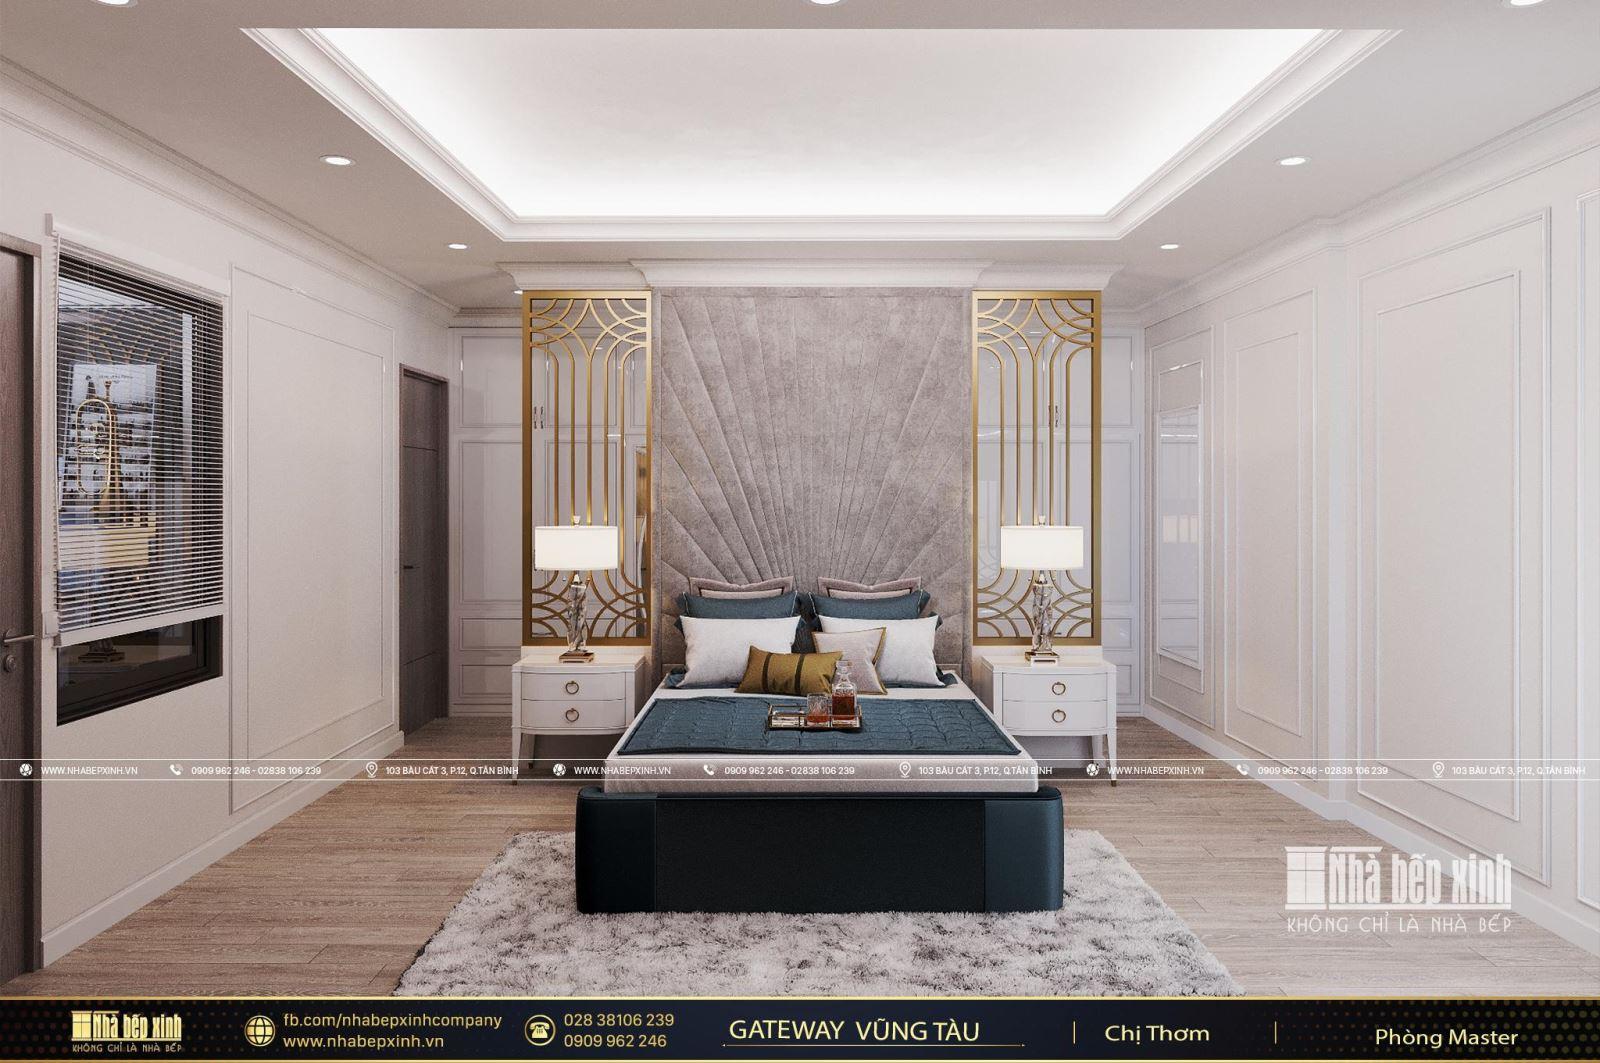 Nội thất sang trọng trong phong cách tân cổ điển căn Penthouse Gateway Vũng Tàu 220m2